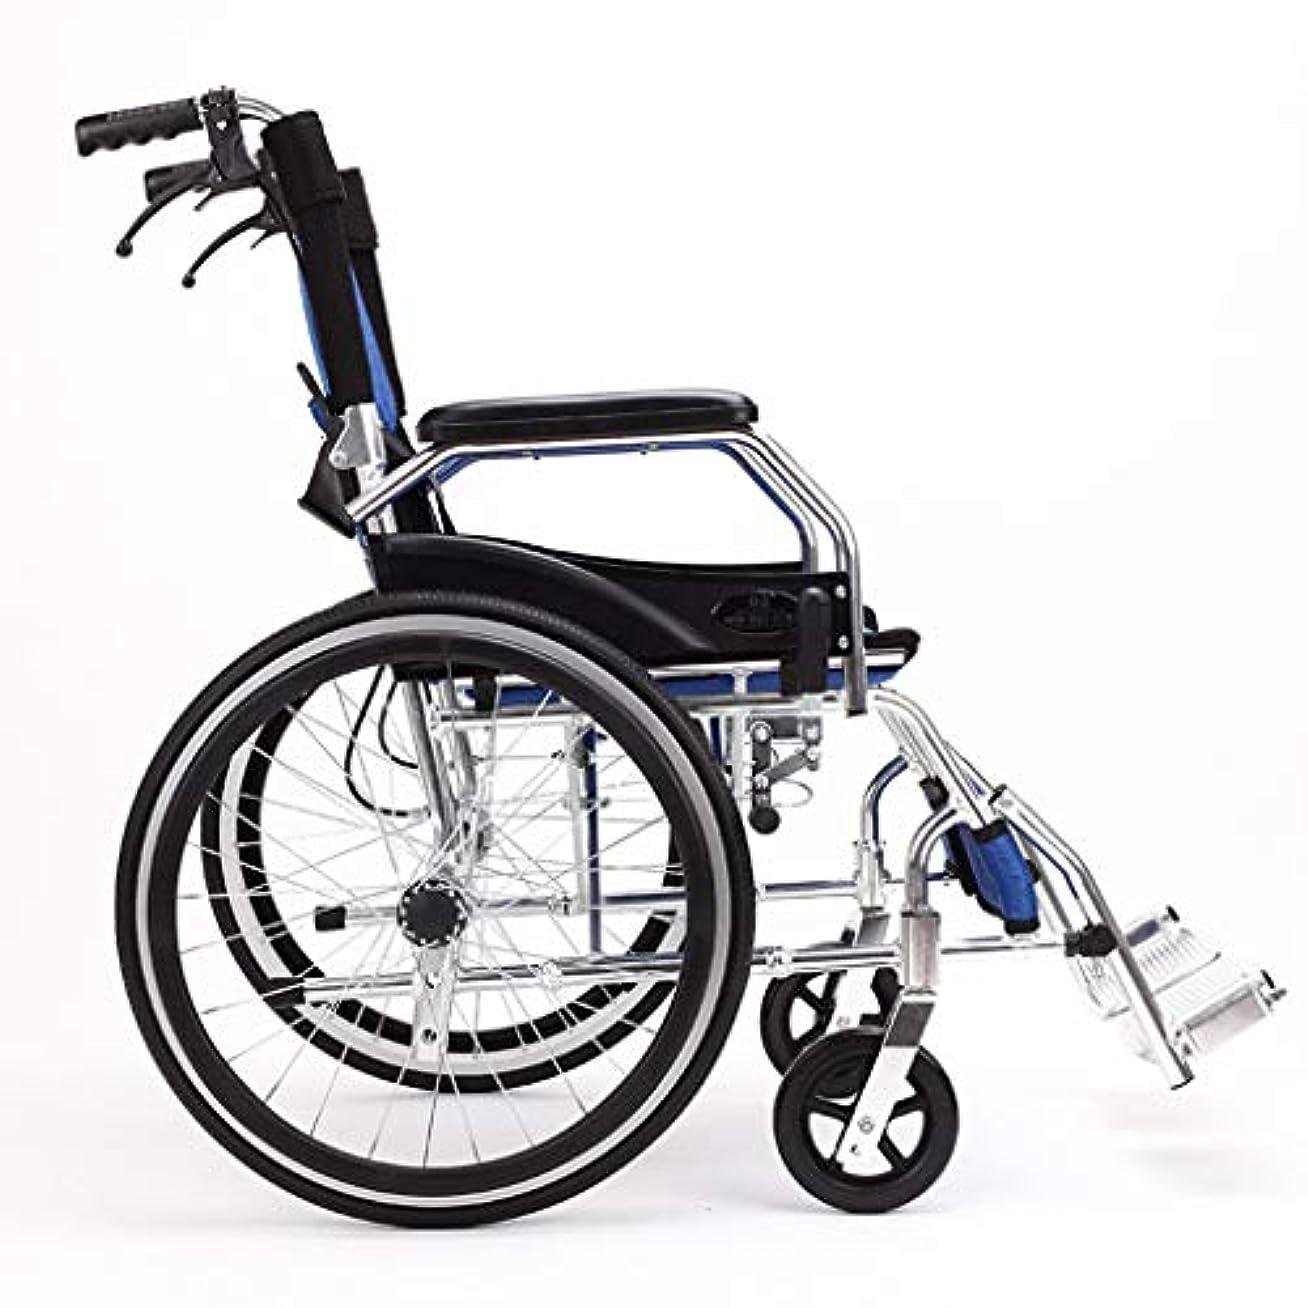 合金着陸品種折りたたみ式車椅子超軽量ポータブル、20インチPUタイヤ、高齢者障害者手押し車椅子